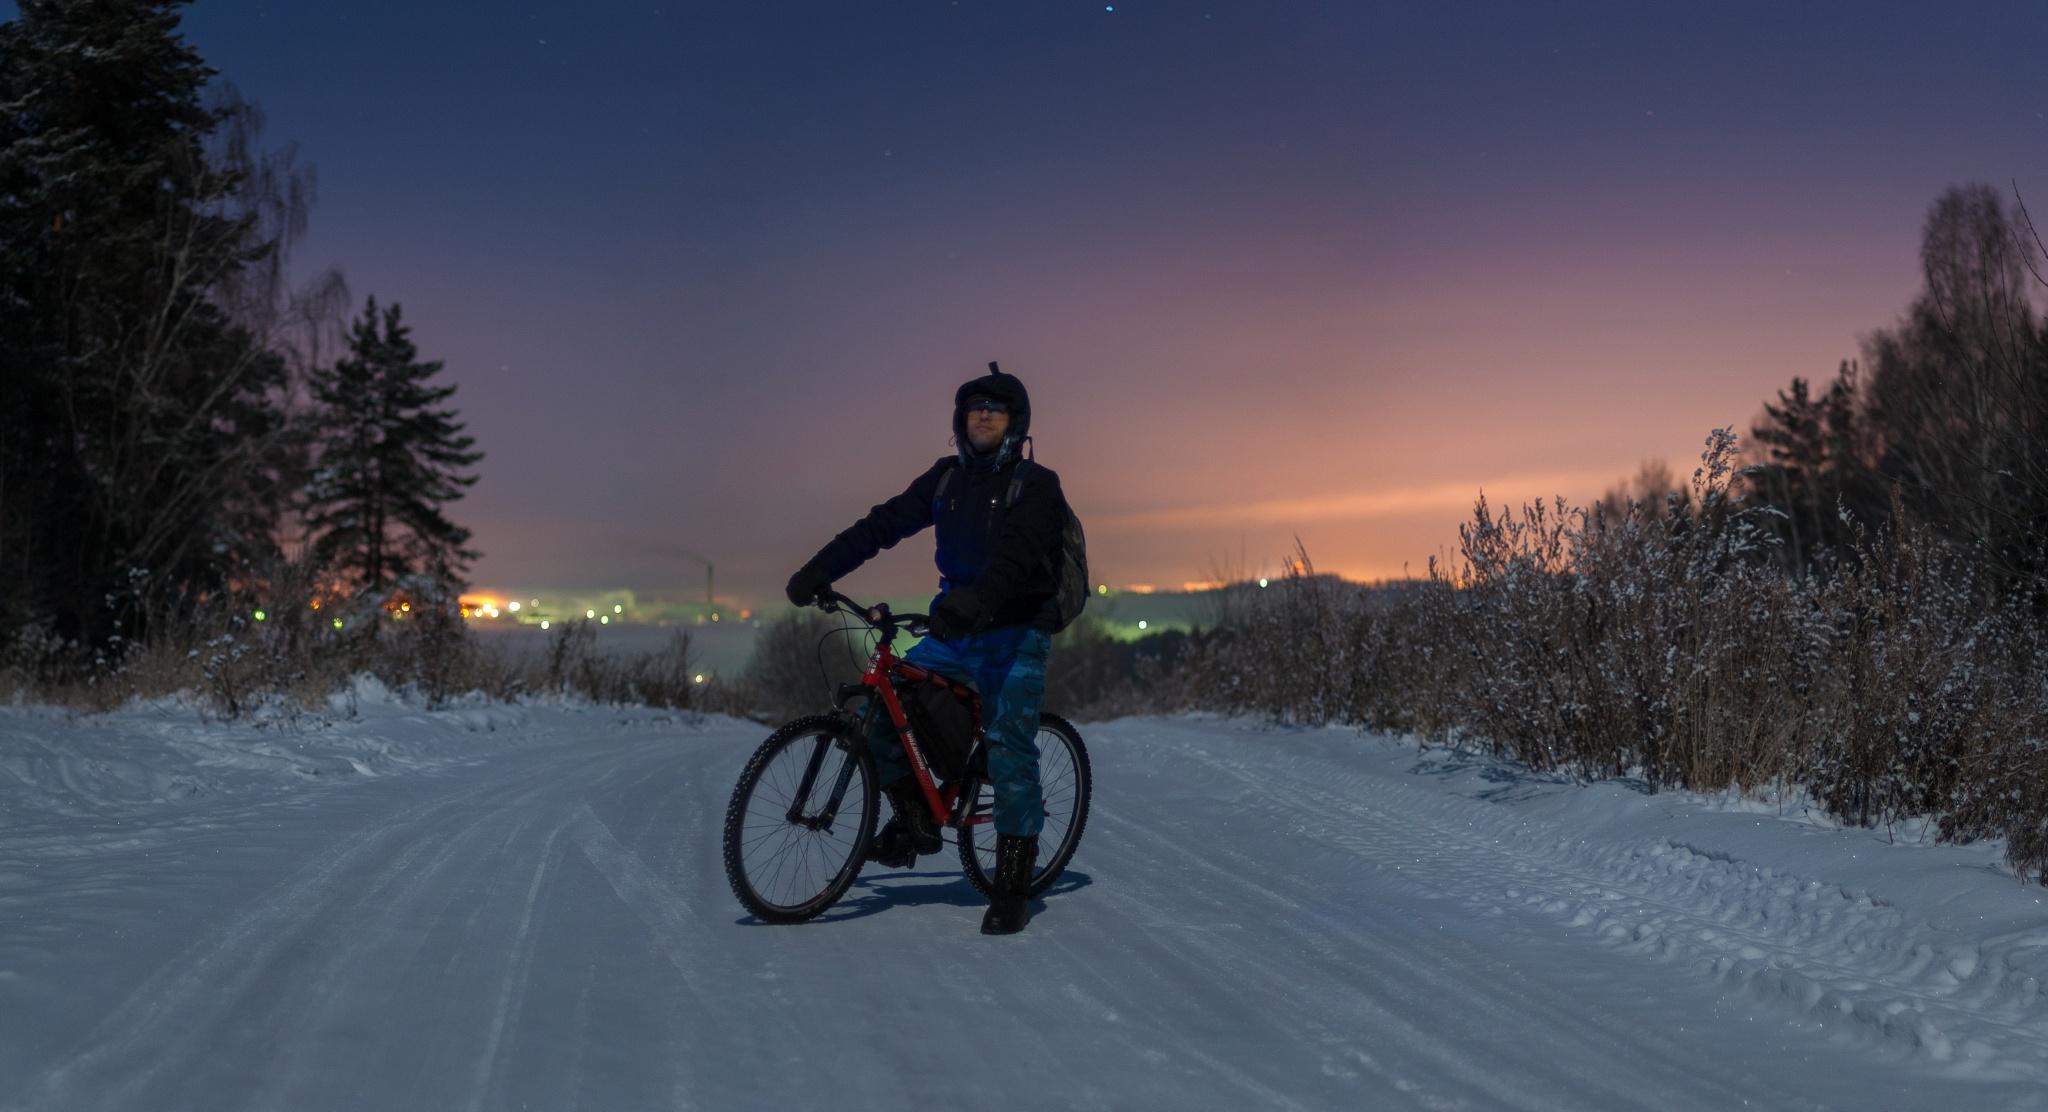 Winter siberian selfie by RedFoxPro